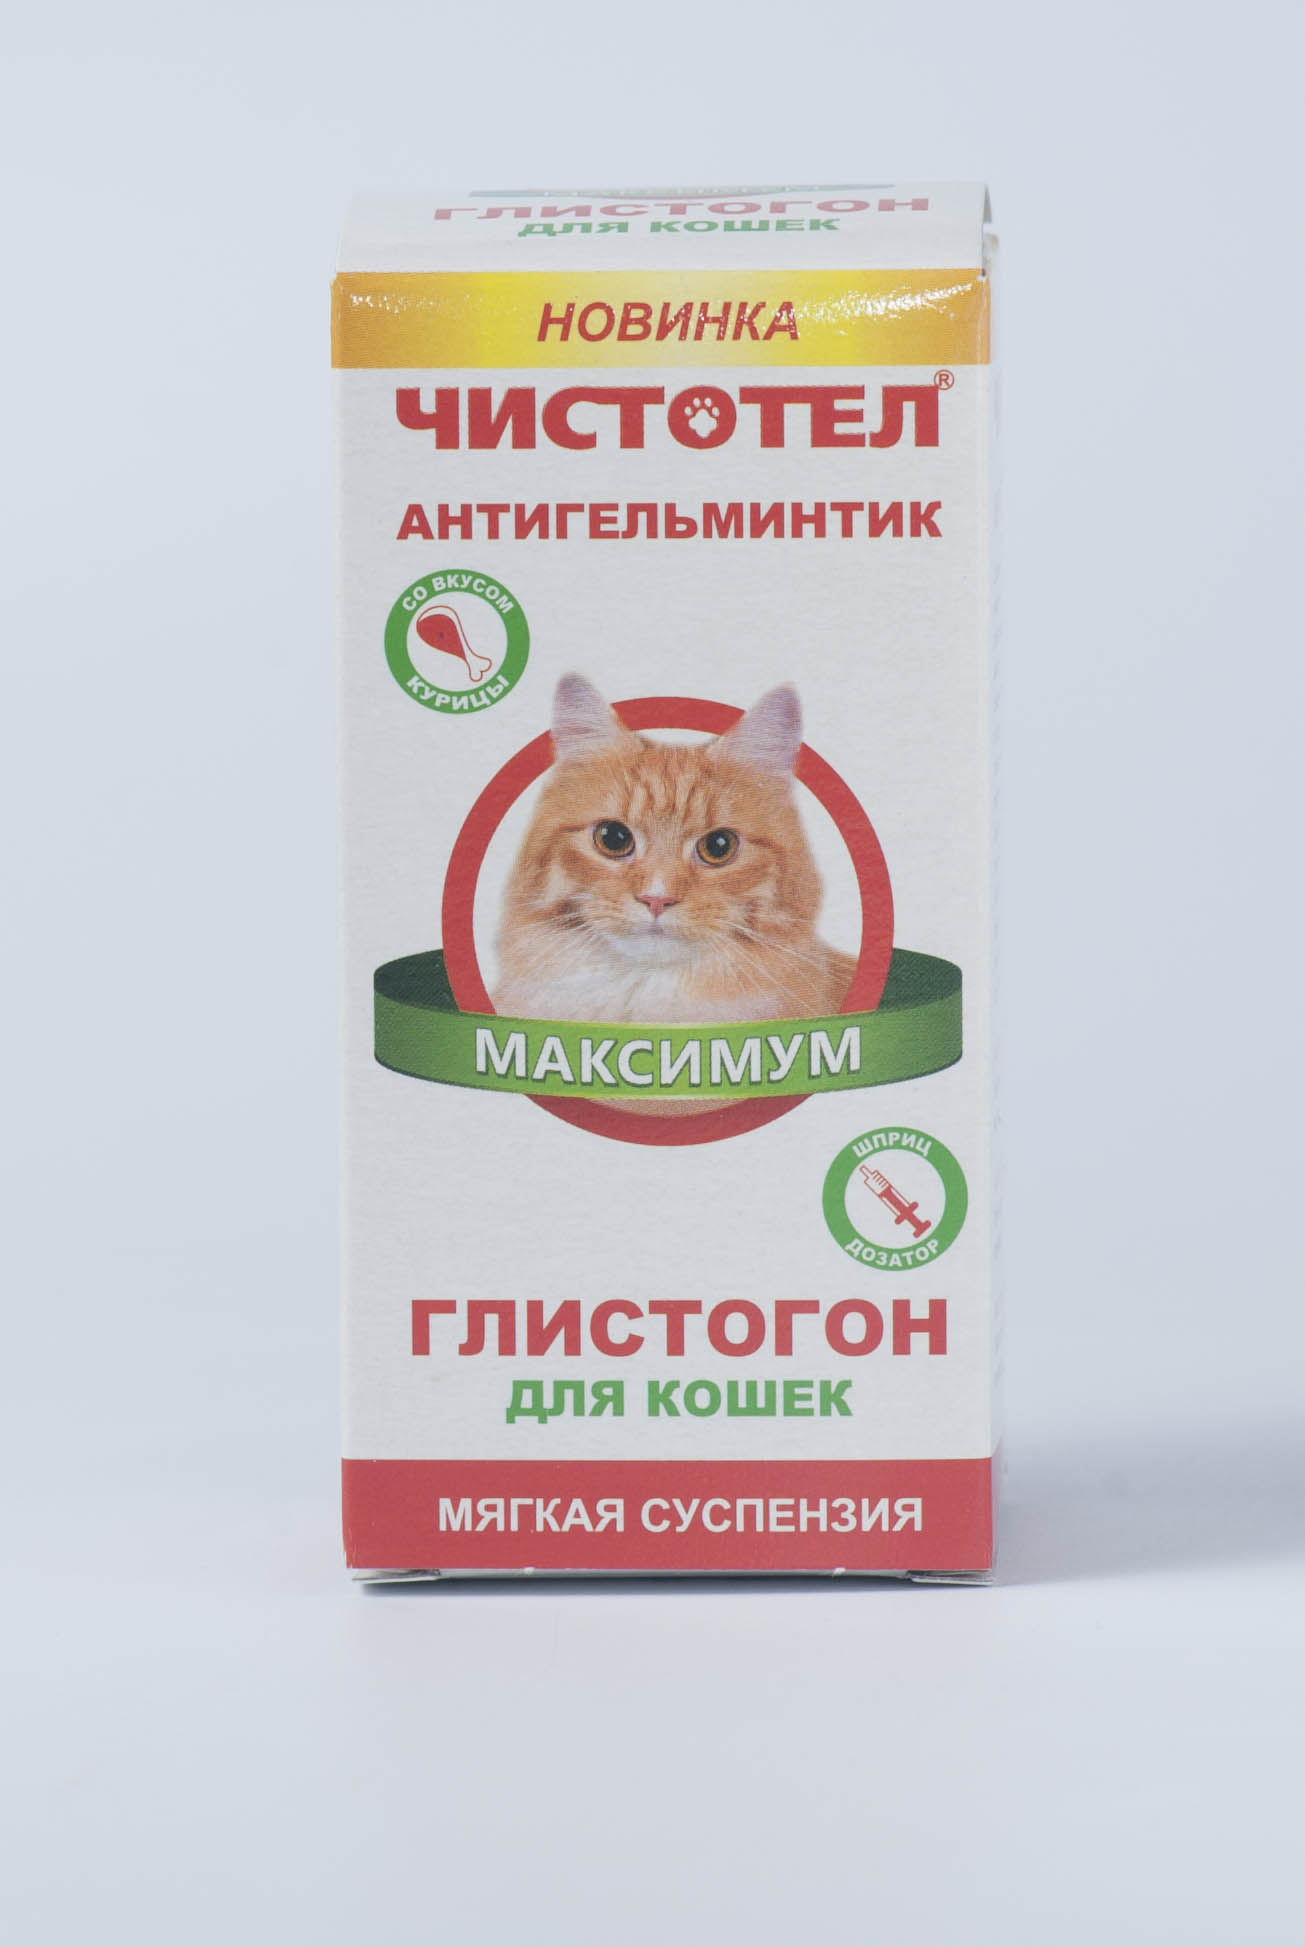 глистогон чистотел для кошек инструкция